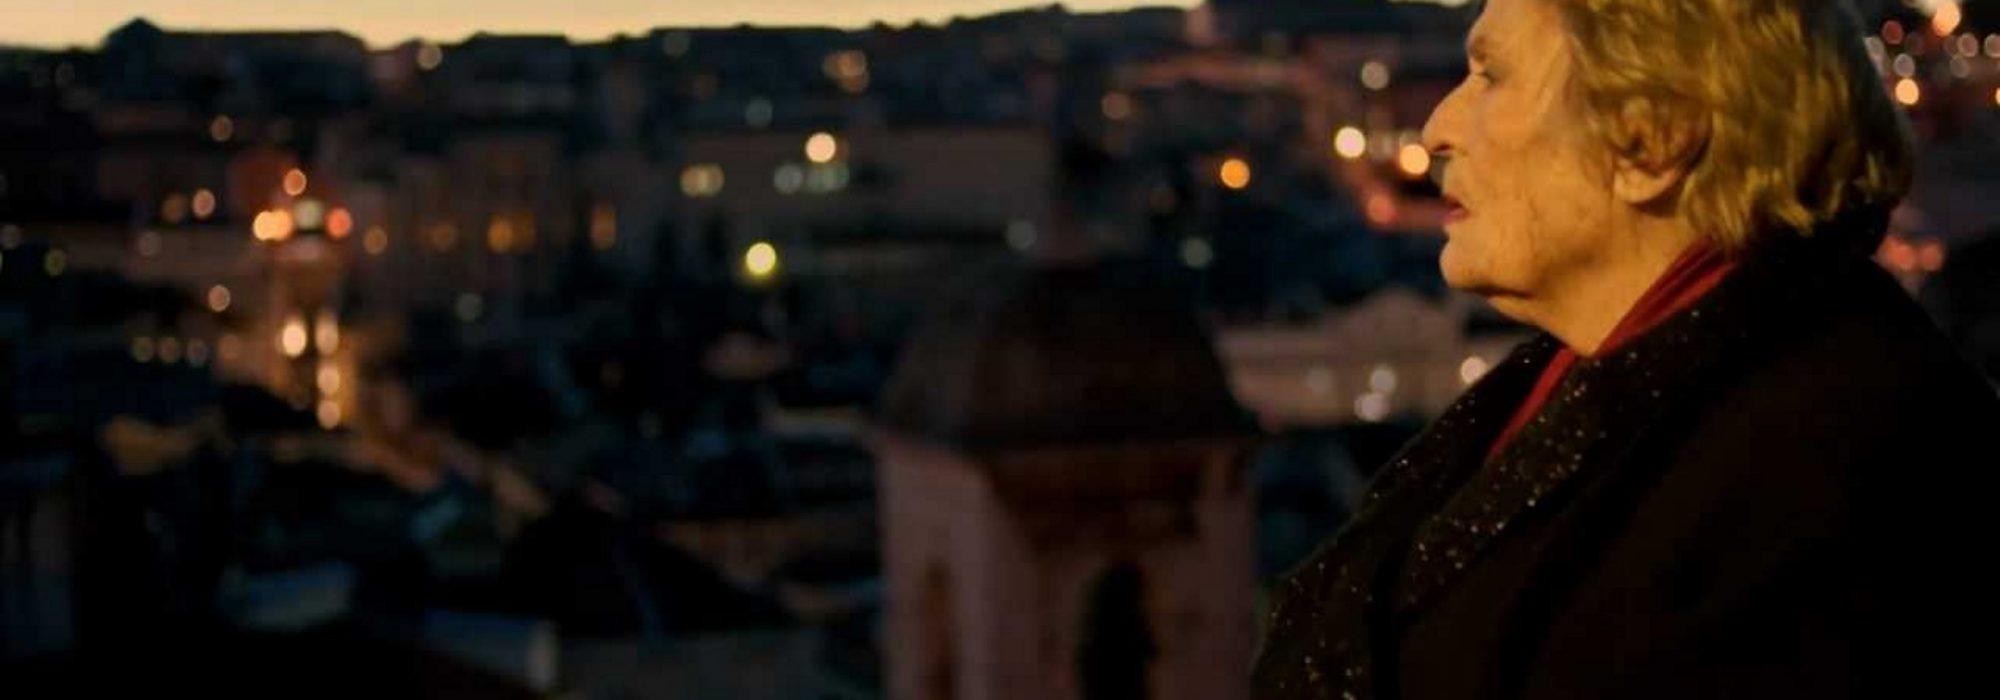 Foto: imagem do vídeo Fado Celestial